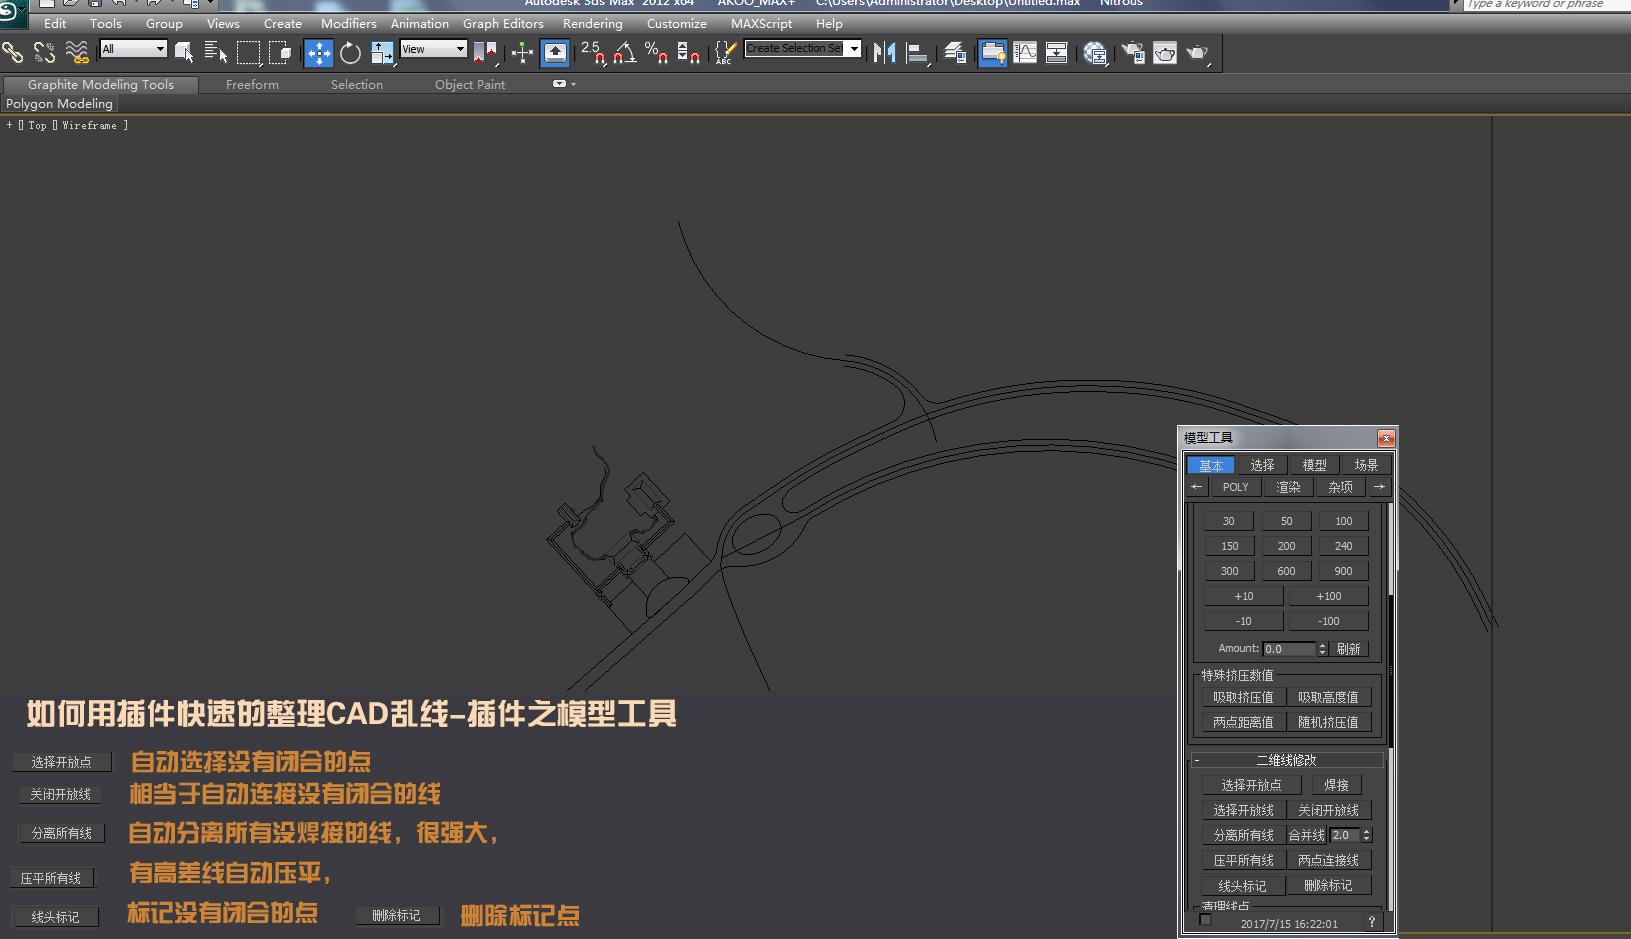 3DMAX如何快速的运用cad线画出地形-地形检查插件